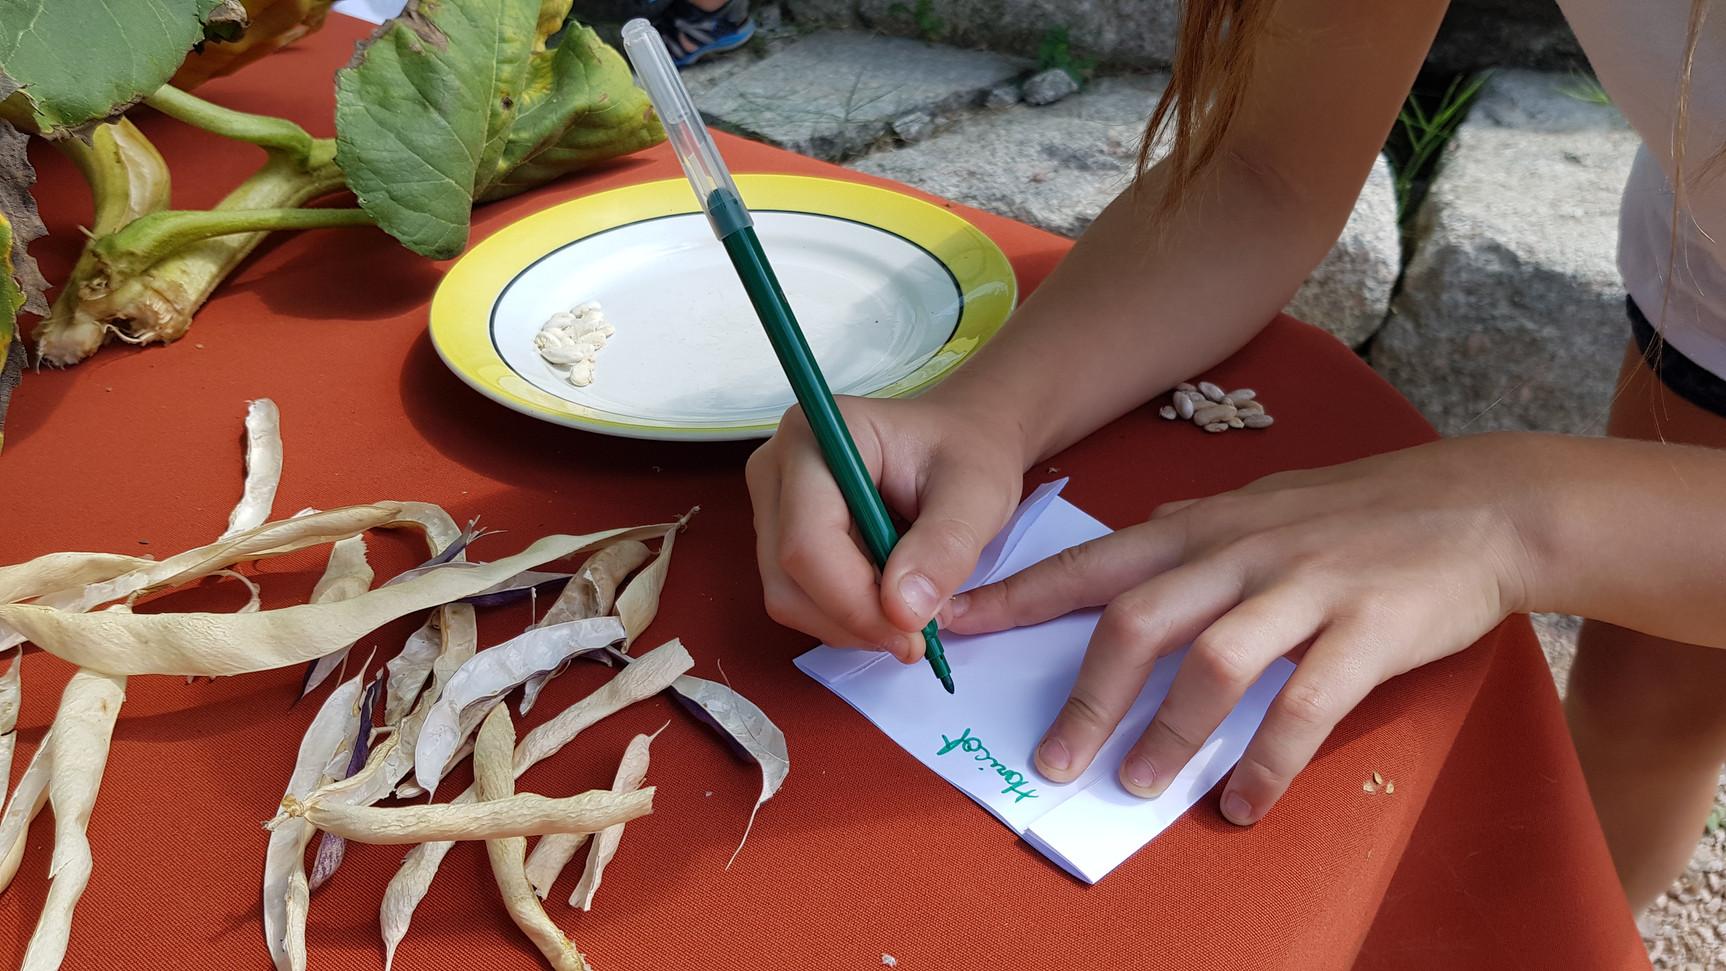 Ecrires les le noms des semences avec la dates, la variétés et l'année de récolte...